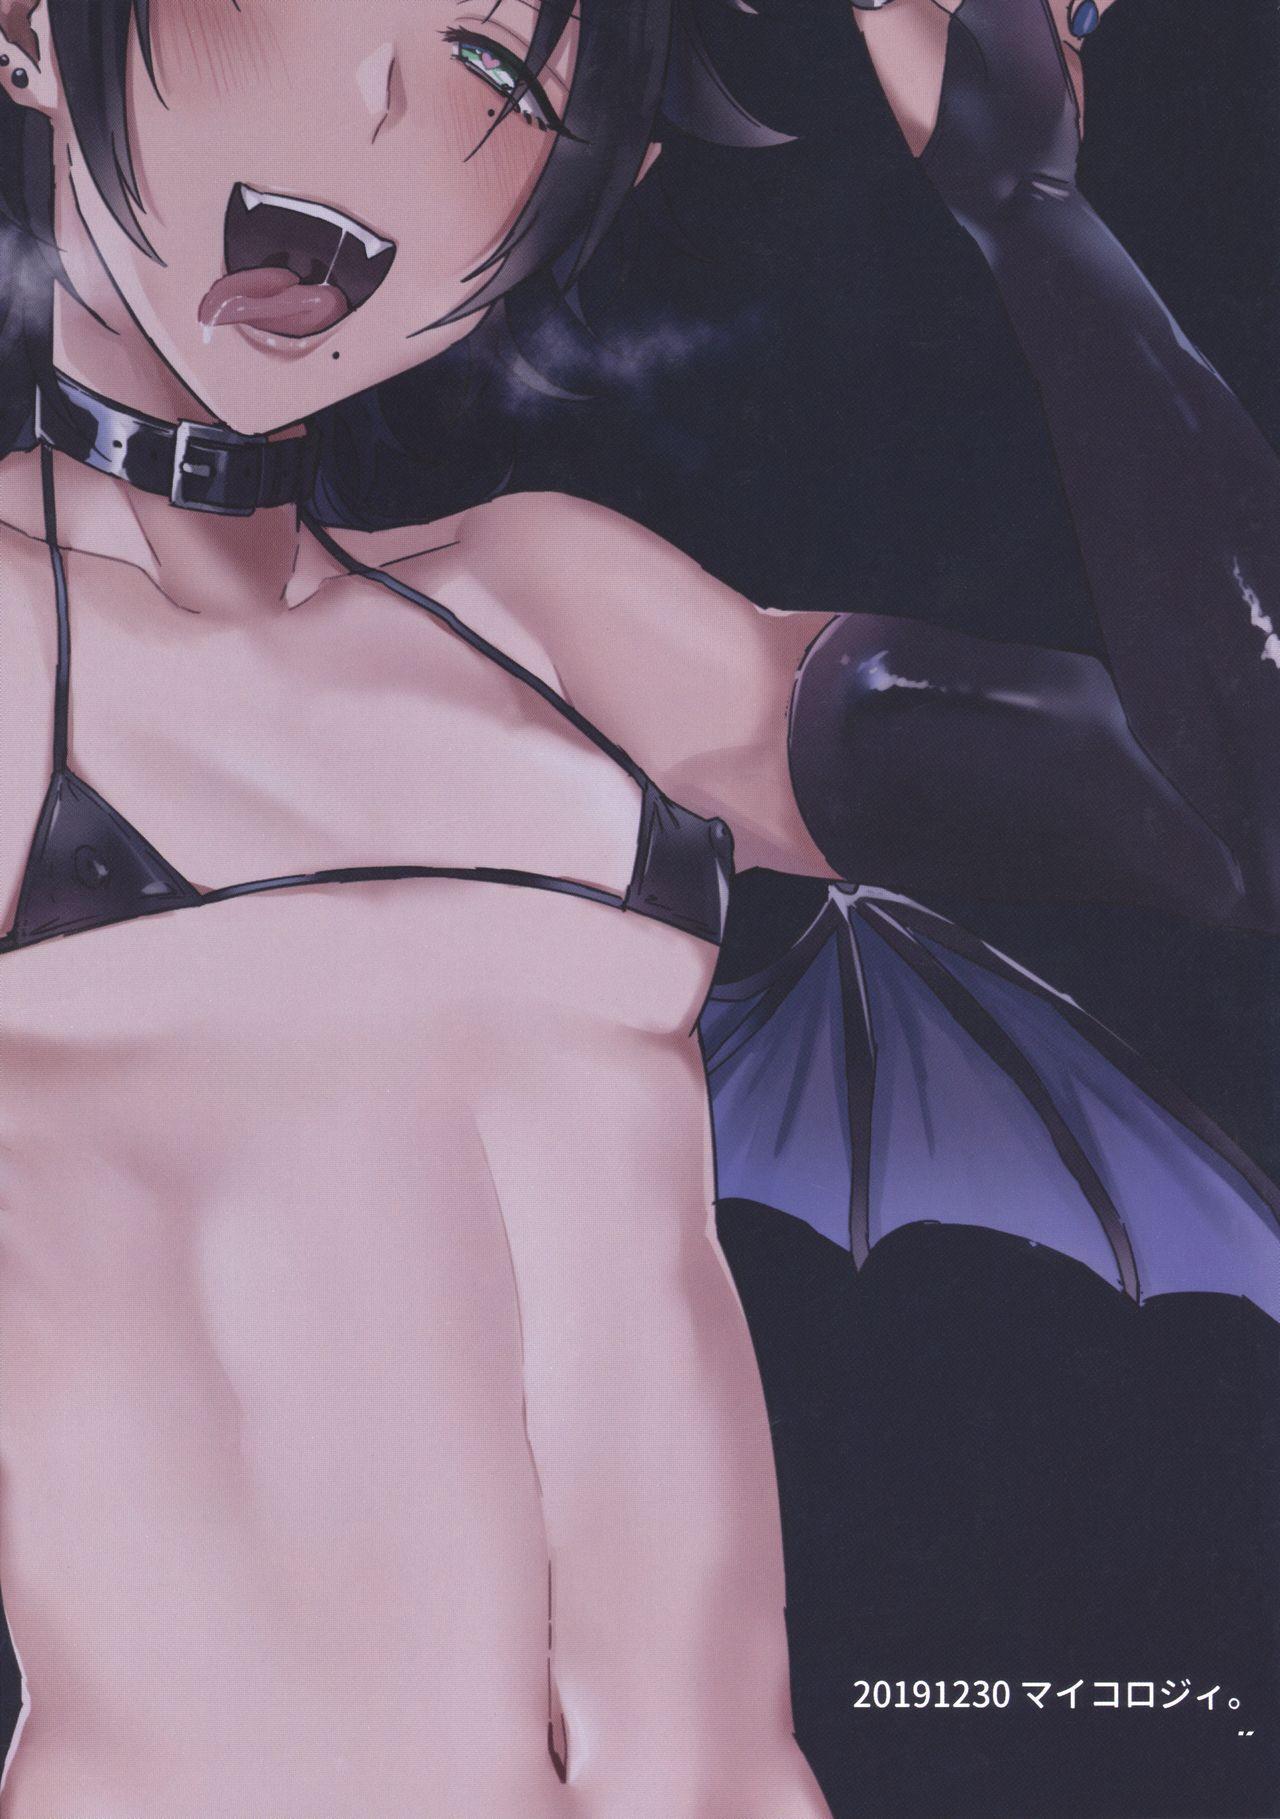 Bokuro no Dosukebe Inma to Nama Shibori Sex 16